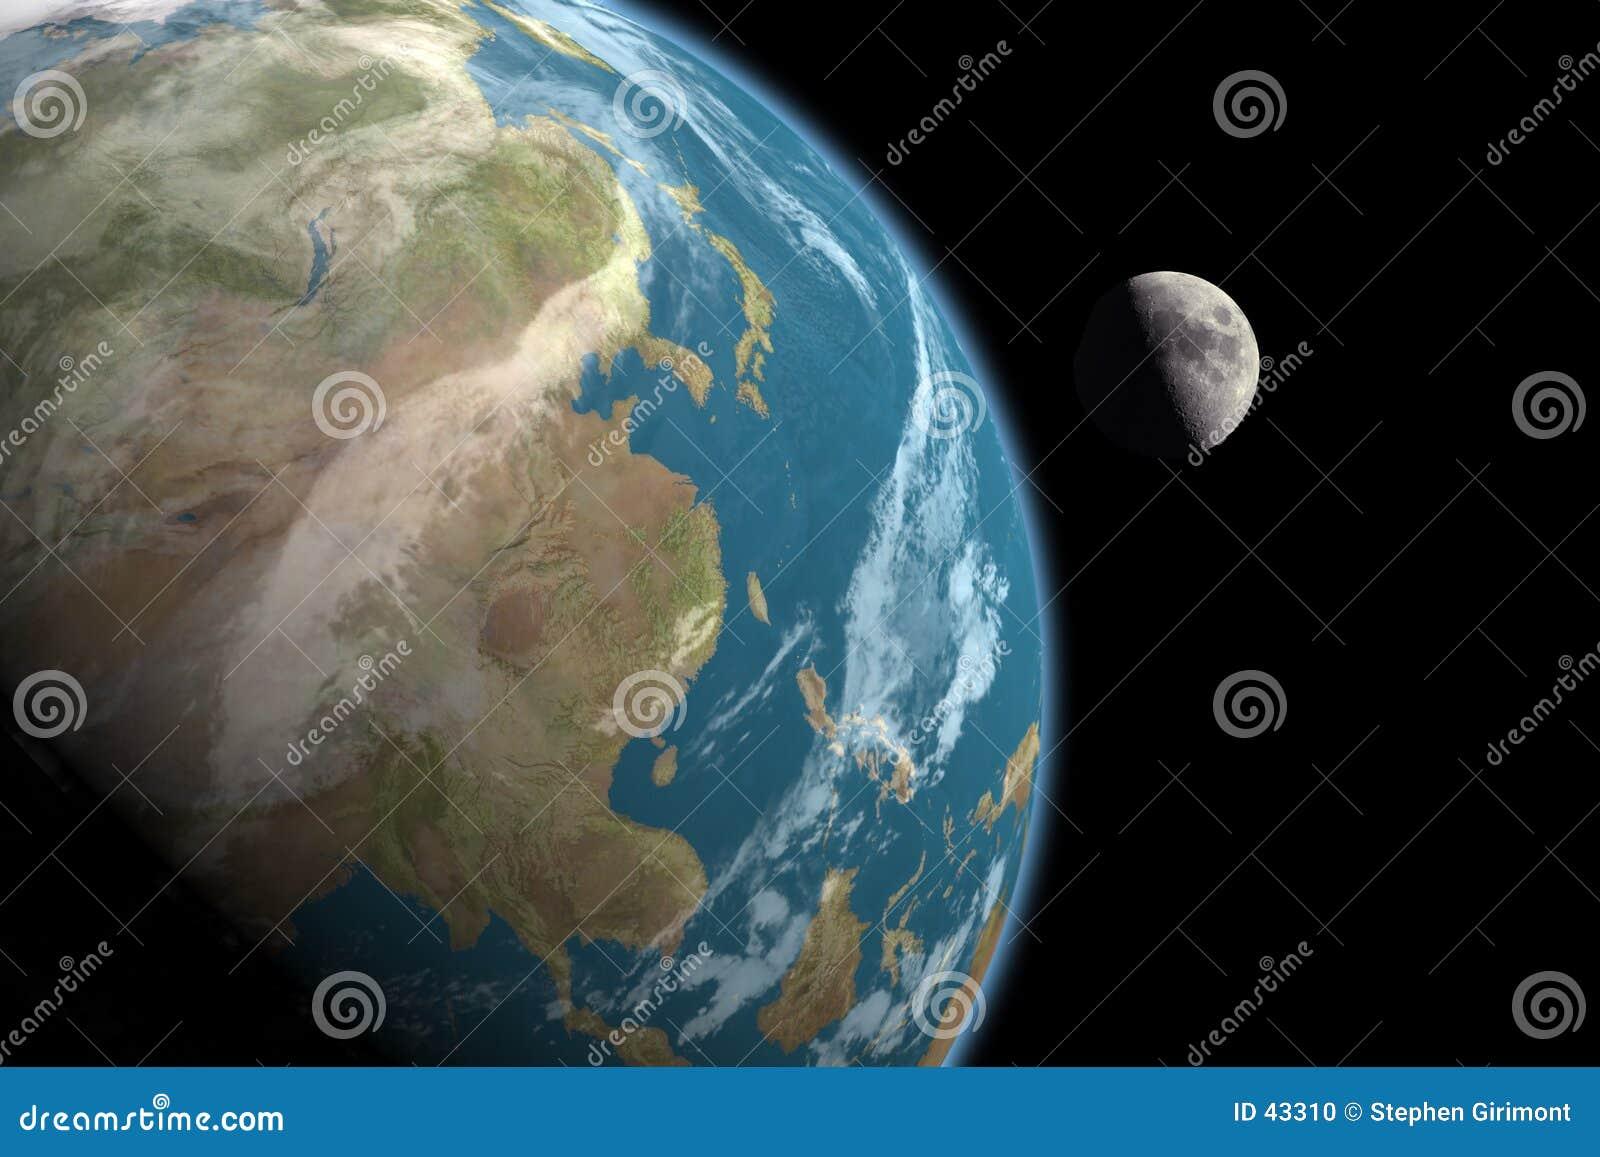 Download Asia Y Luna, Ningunas Estrellas Stock de ilustración - Ilustración de luna, futuro: 43310